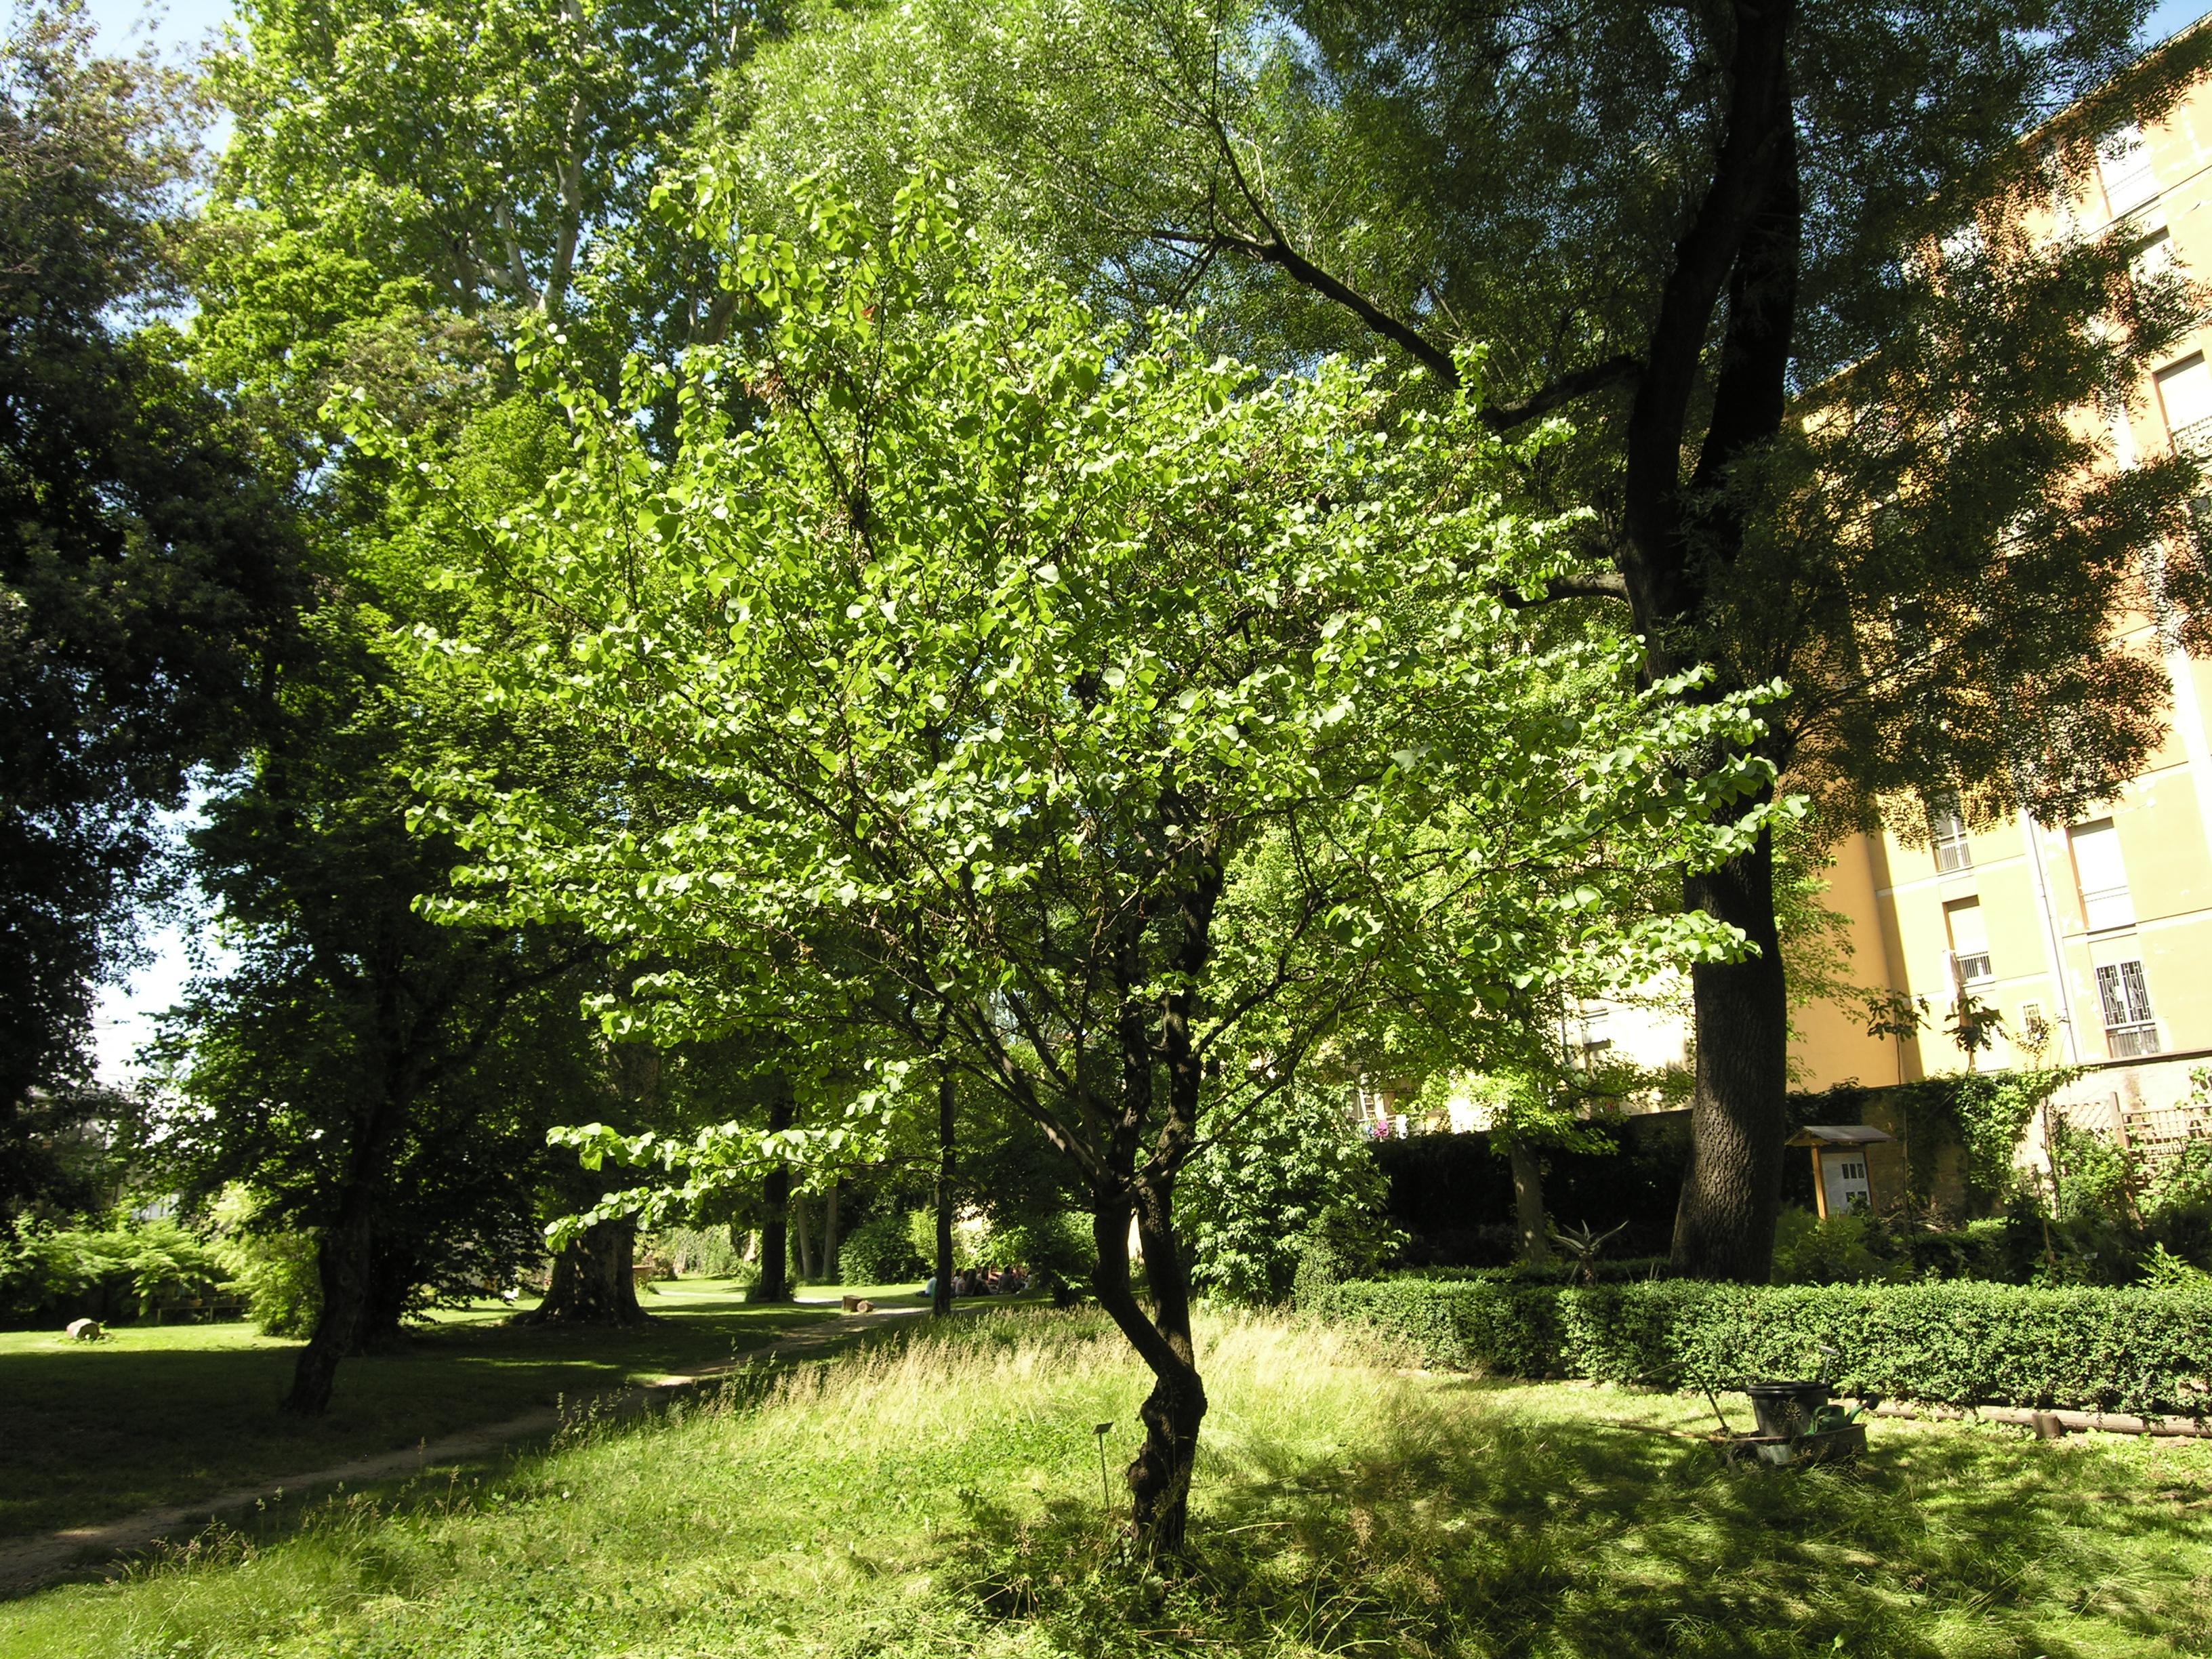 © Dipartimento di Scienze della Vita, Università degli Studi di Trieste<br>by Andrea Moro<br>Orto Botanico dell'Università di Bologna, BO, Emilia-Romagna, Italia, 24/05/2010<br>Distributed under CC-BY-SA 4.0 license.